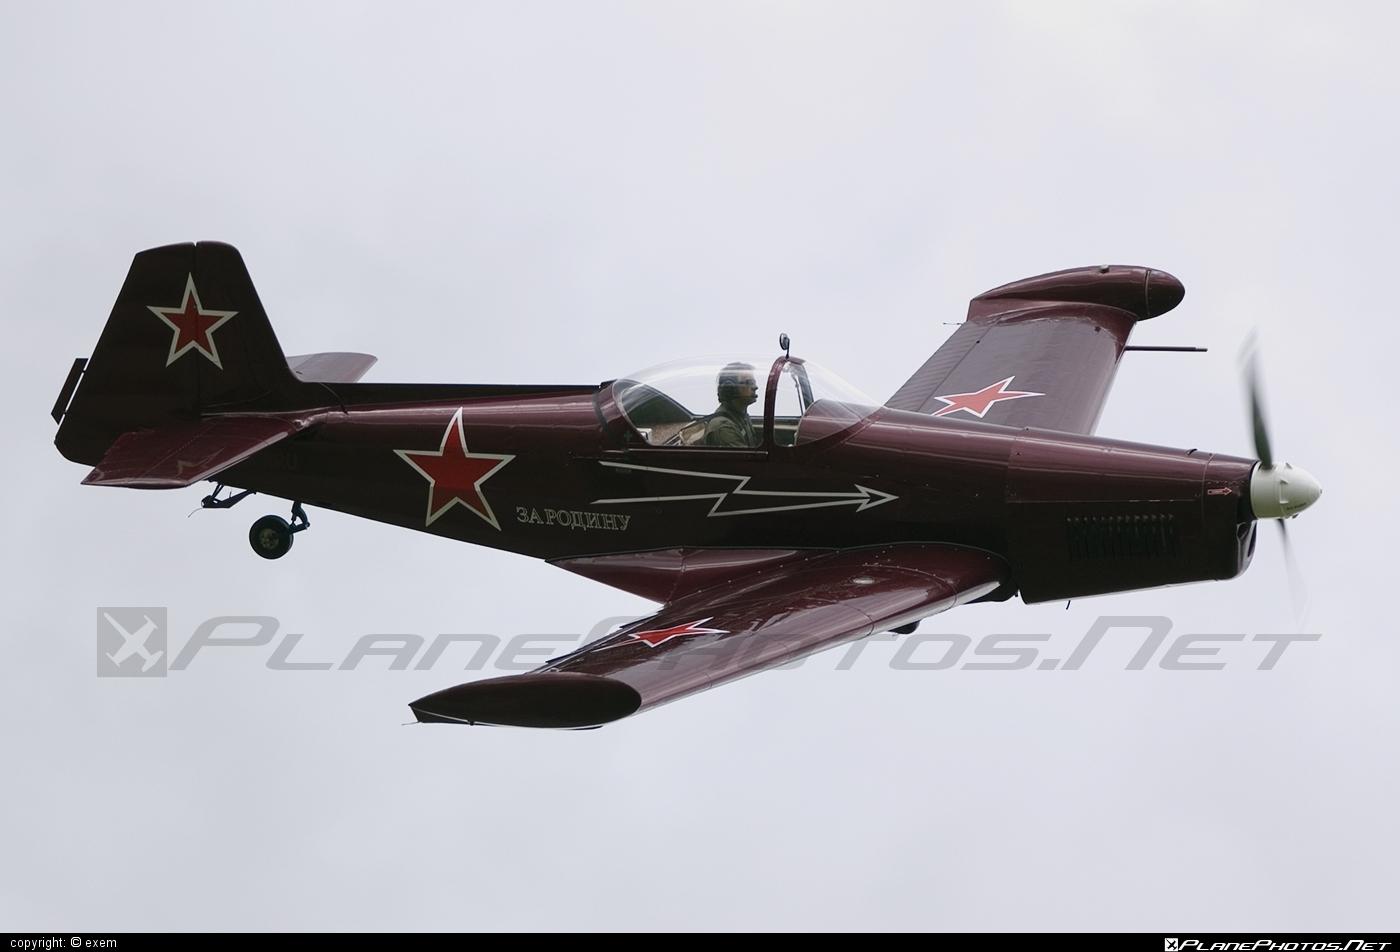 Zlin Z-526AFS-V Akrobat Speciál - OM-ARU operated by Aeroklub Košice #akrobatspecial #kratas #retroskyteam #rst #z526 #z526akrobatspecial #zlin #zlin526